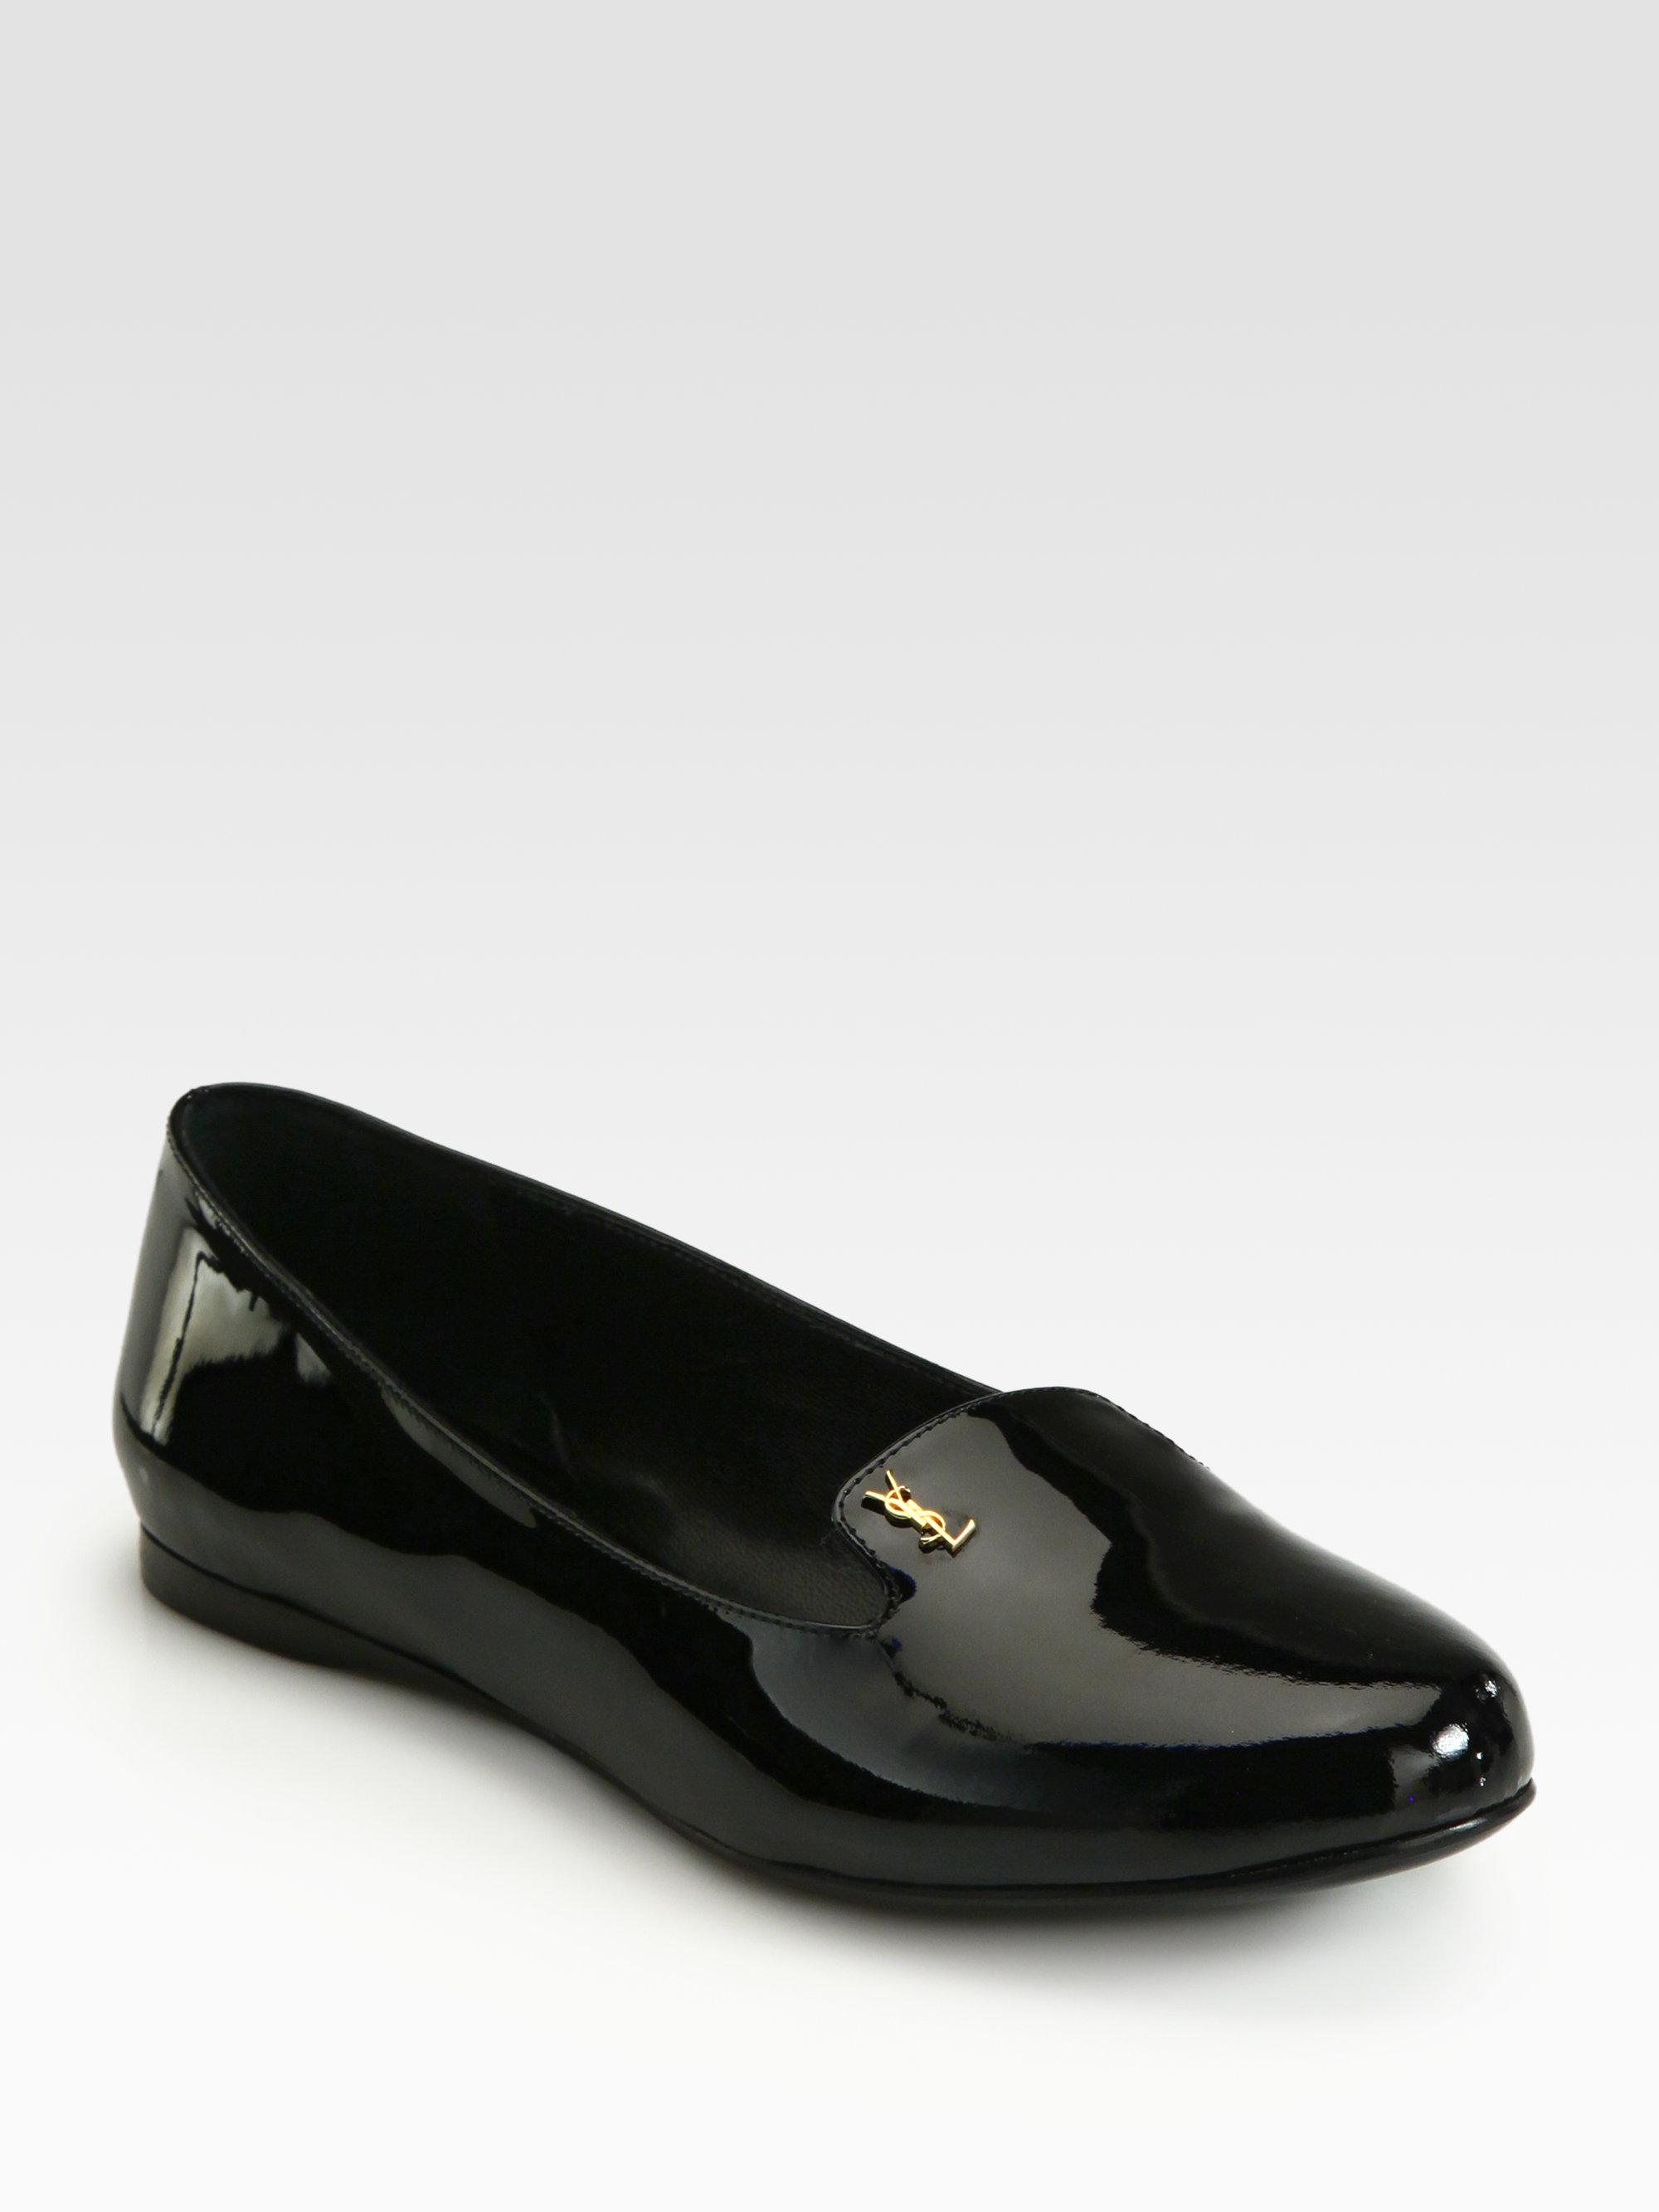 Leather slipper shoes Saint Laurent LujN77zEY